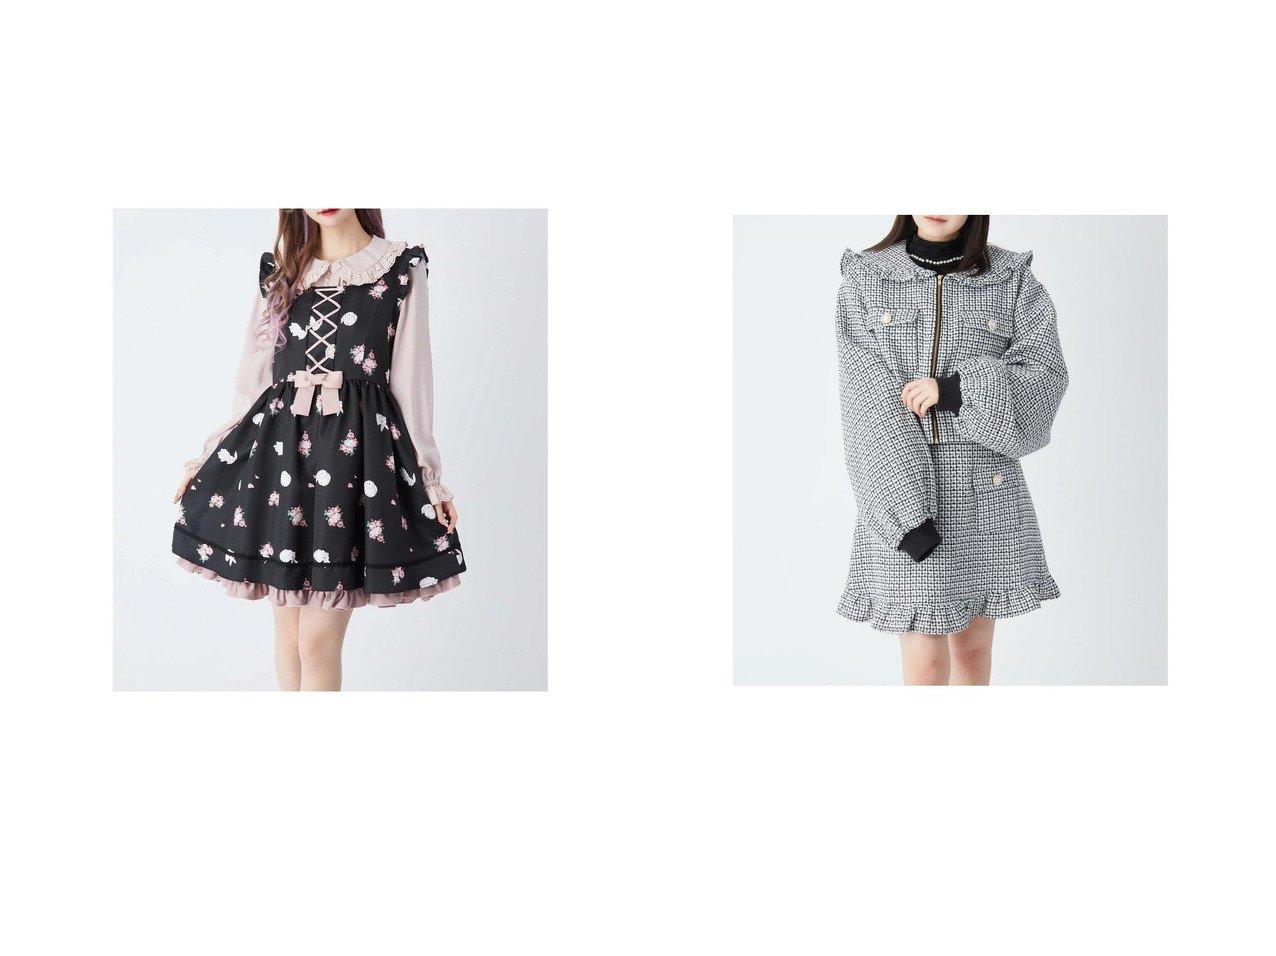 【Ank Rouge/アンクルージュ】のRoseBunnyスピンドルジャンスカ&スカート Ank Rougeのおすすめ!人気、トレンド・レディースファッションの通販 おすすめで人気の流行・トレンド、ファッションの通販商品 メンズファッション・キッズファッション・インテリア・家具・レディースファッション・服の通販 founy(ファニー) https://founy.com/ ファッション Fashion レディースファッション WOMEN スカート Skirt 2021年 2021 2021 春夏 S/S SS Spring/Summer 2021 S/S 春夏 SS Spring/Summer ギャザー スピンドル フリル リボン 春 Spring |ID:crp329100000018498